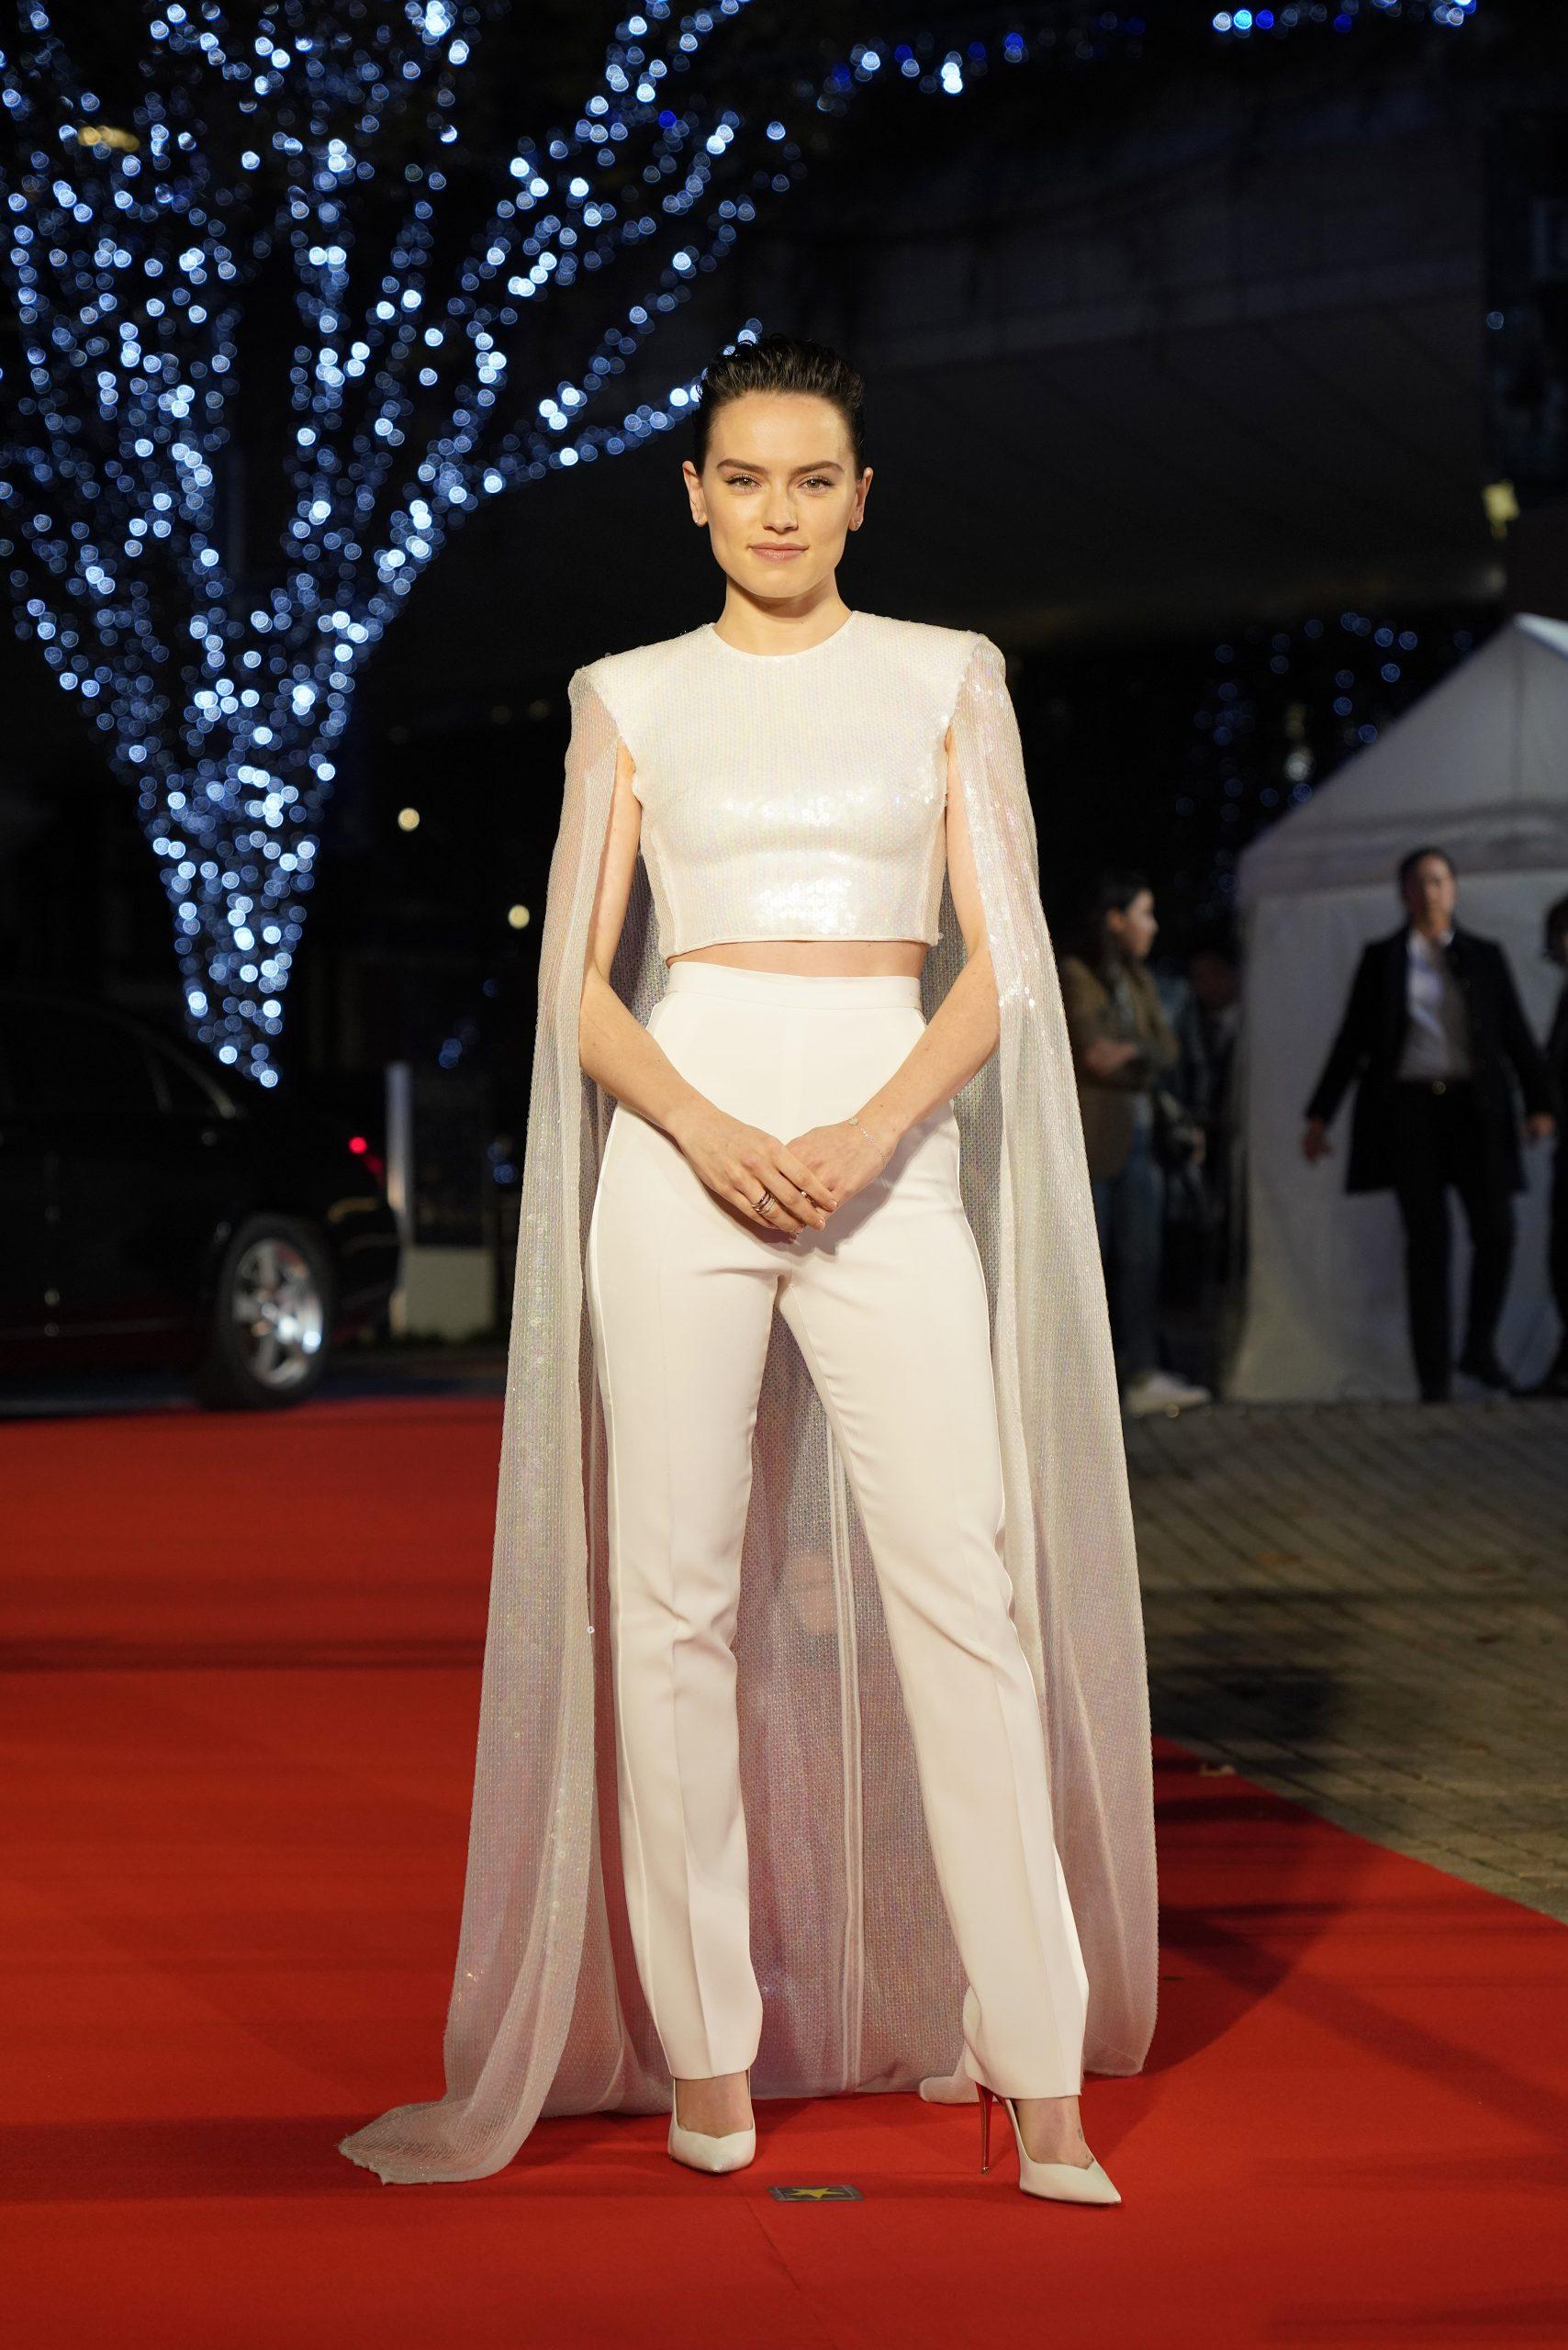 Wardrobe Breakdown: Daisy Ridley Star Wars The Rise Of Skywalker Japan Red Carpet Fan Event